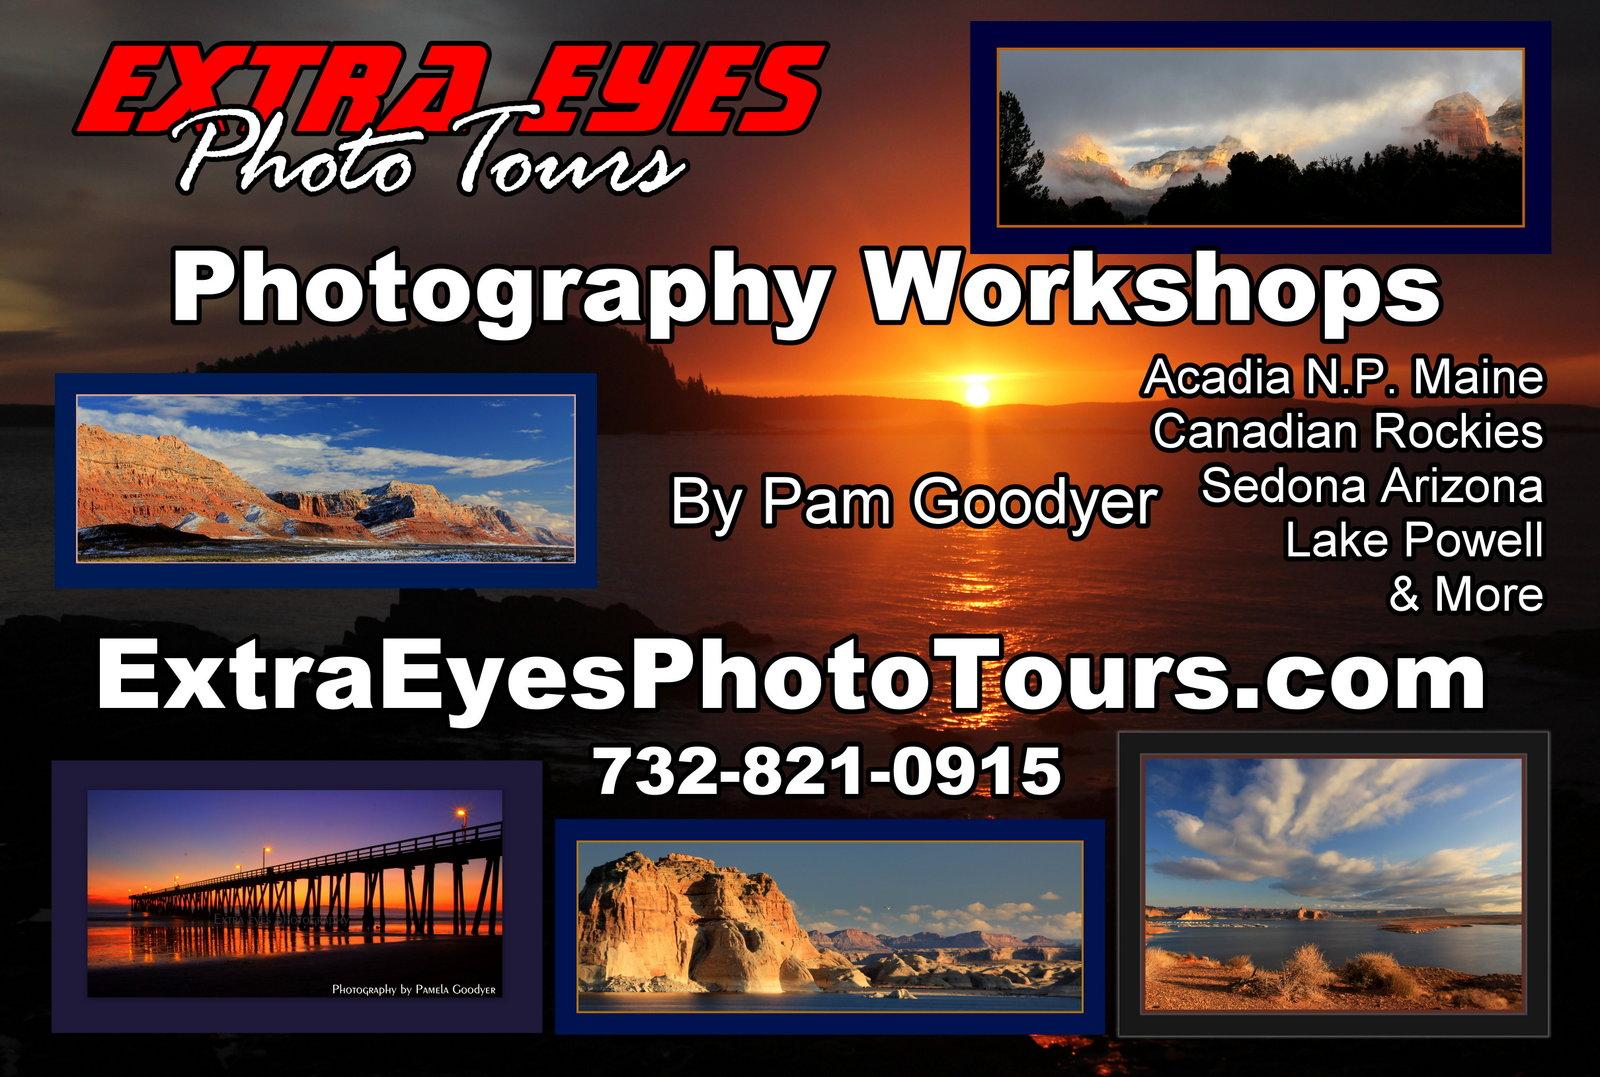 Extra Eyes Photo Tours Photo magazine Extra